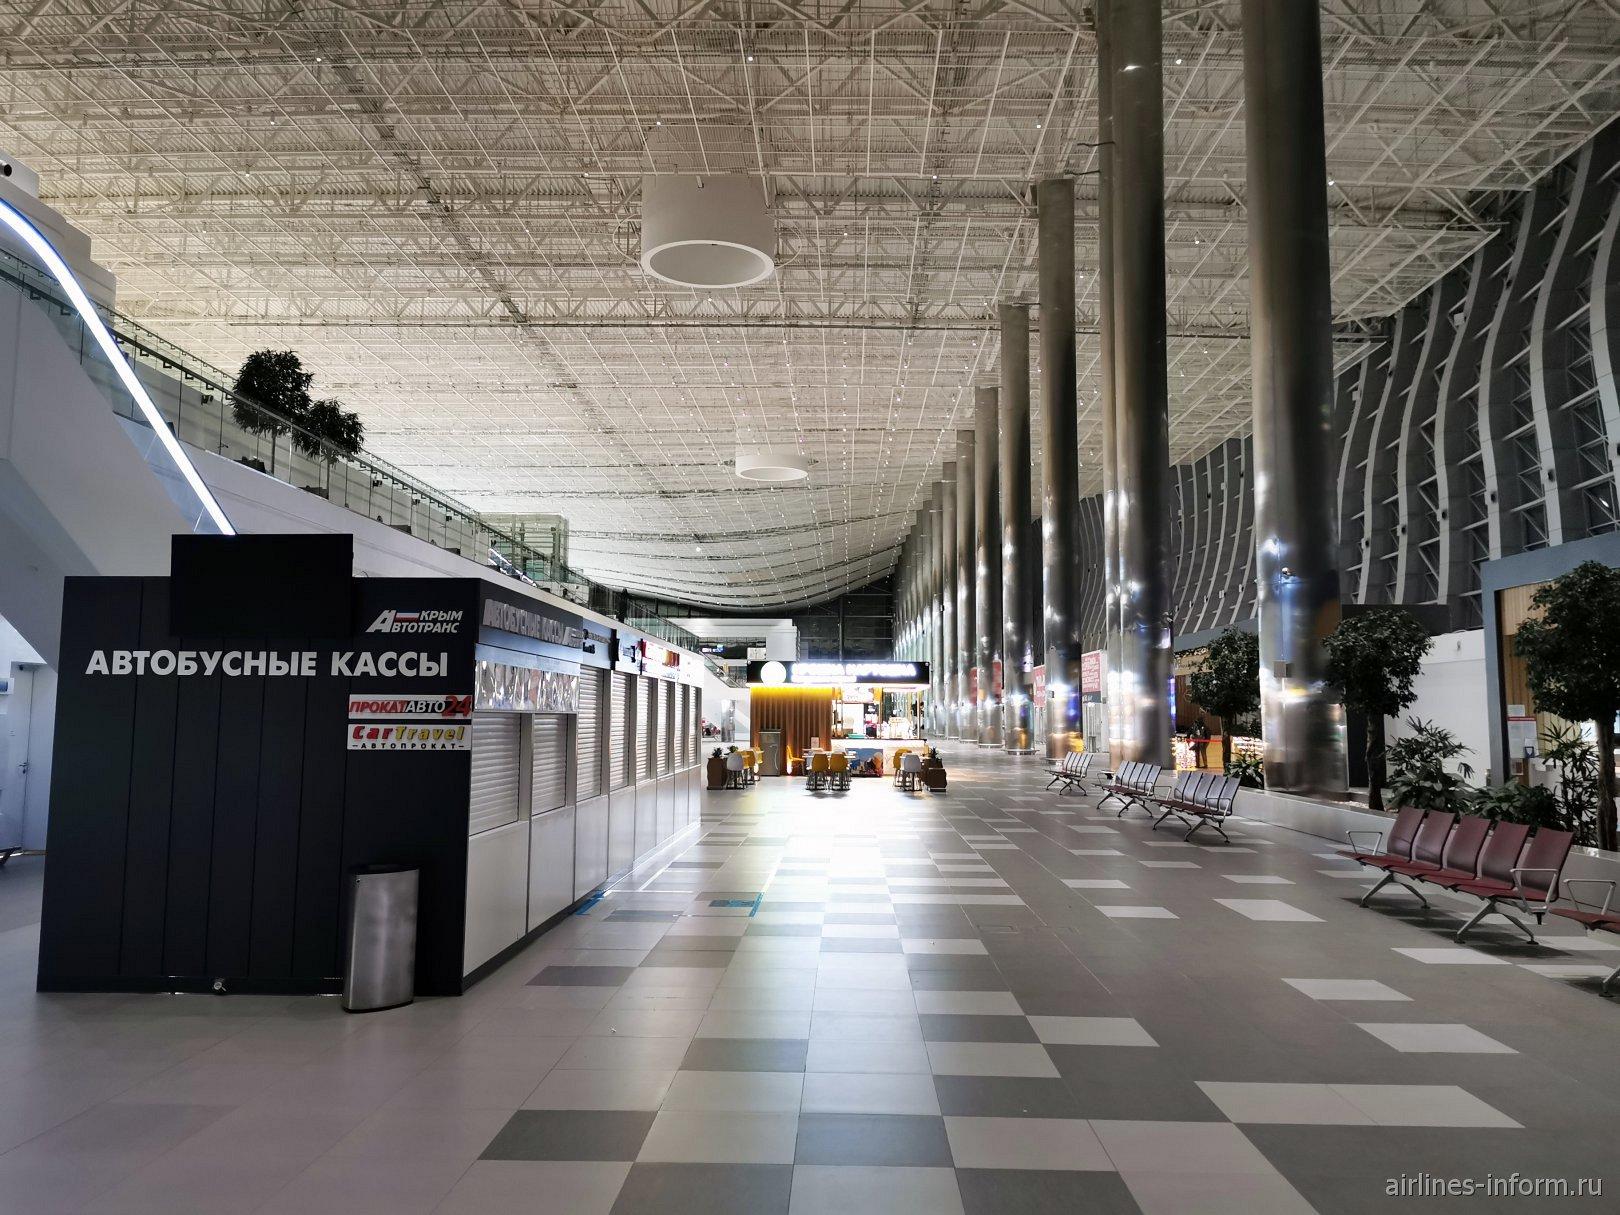 Внутри пассажирского терминала аэропорта Симферополь